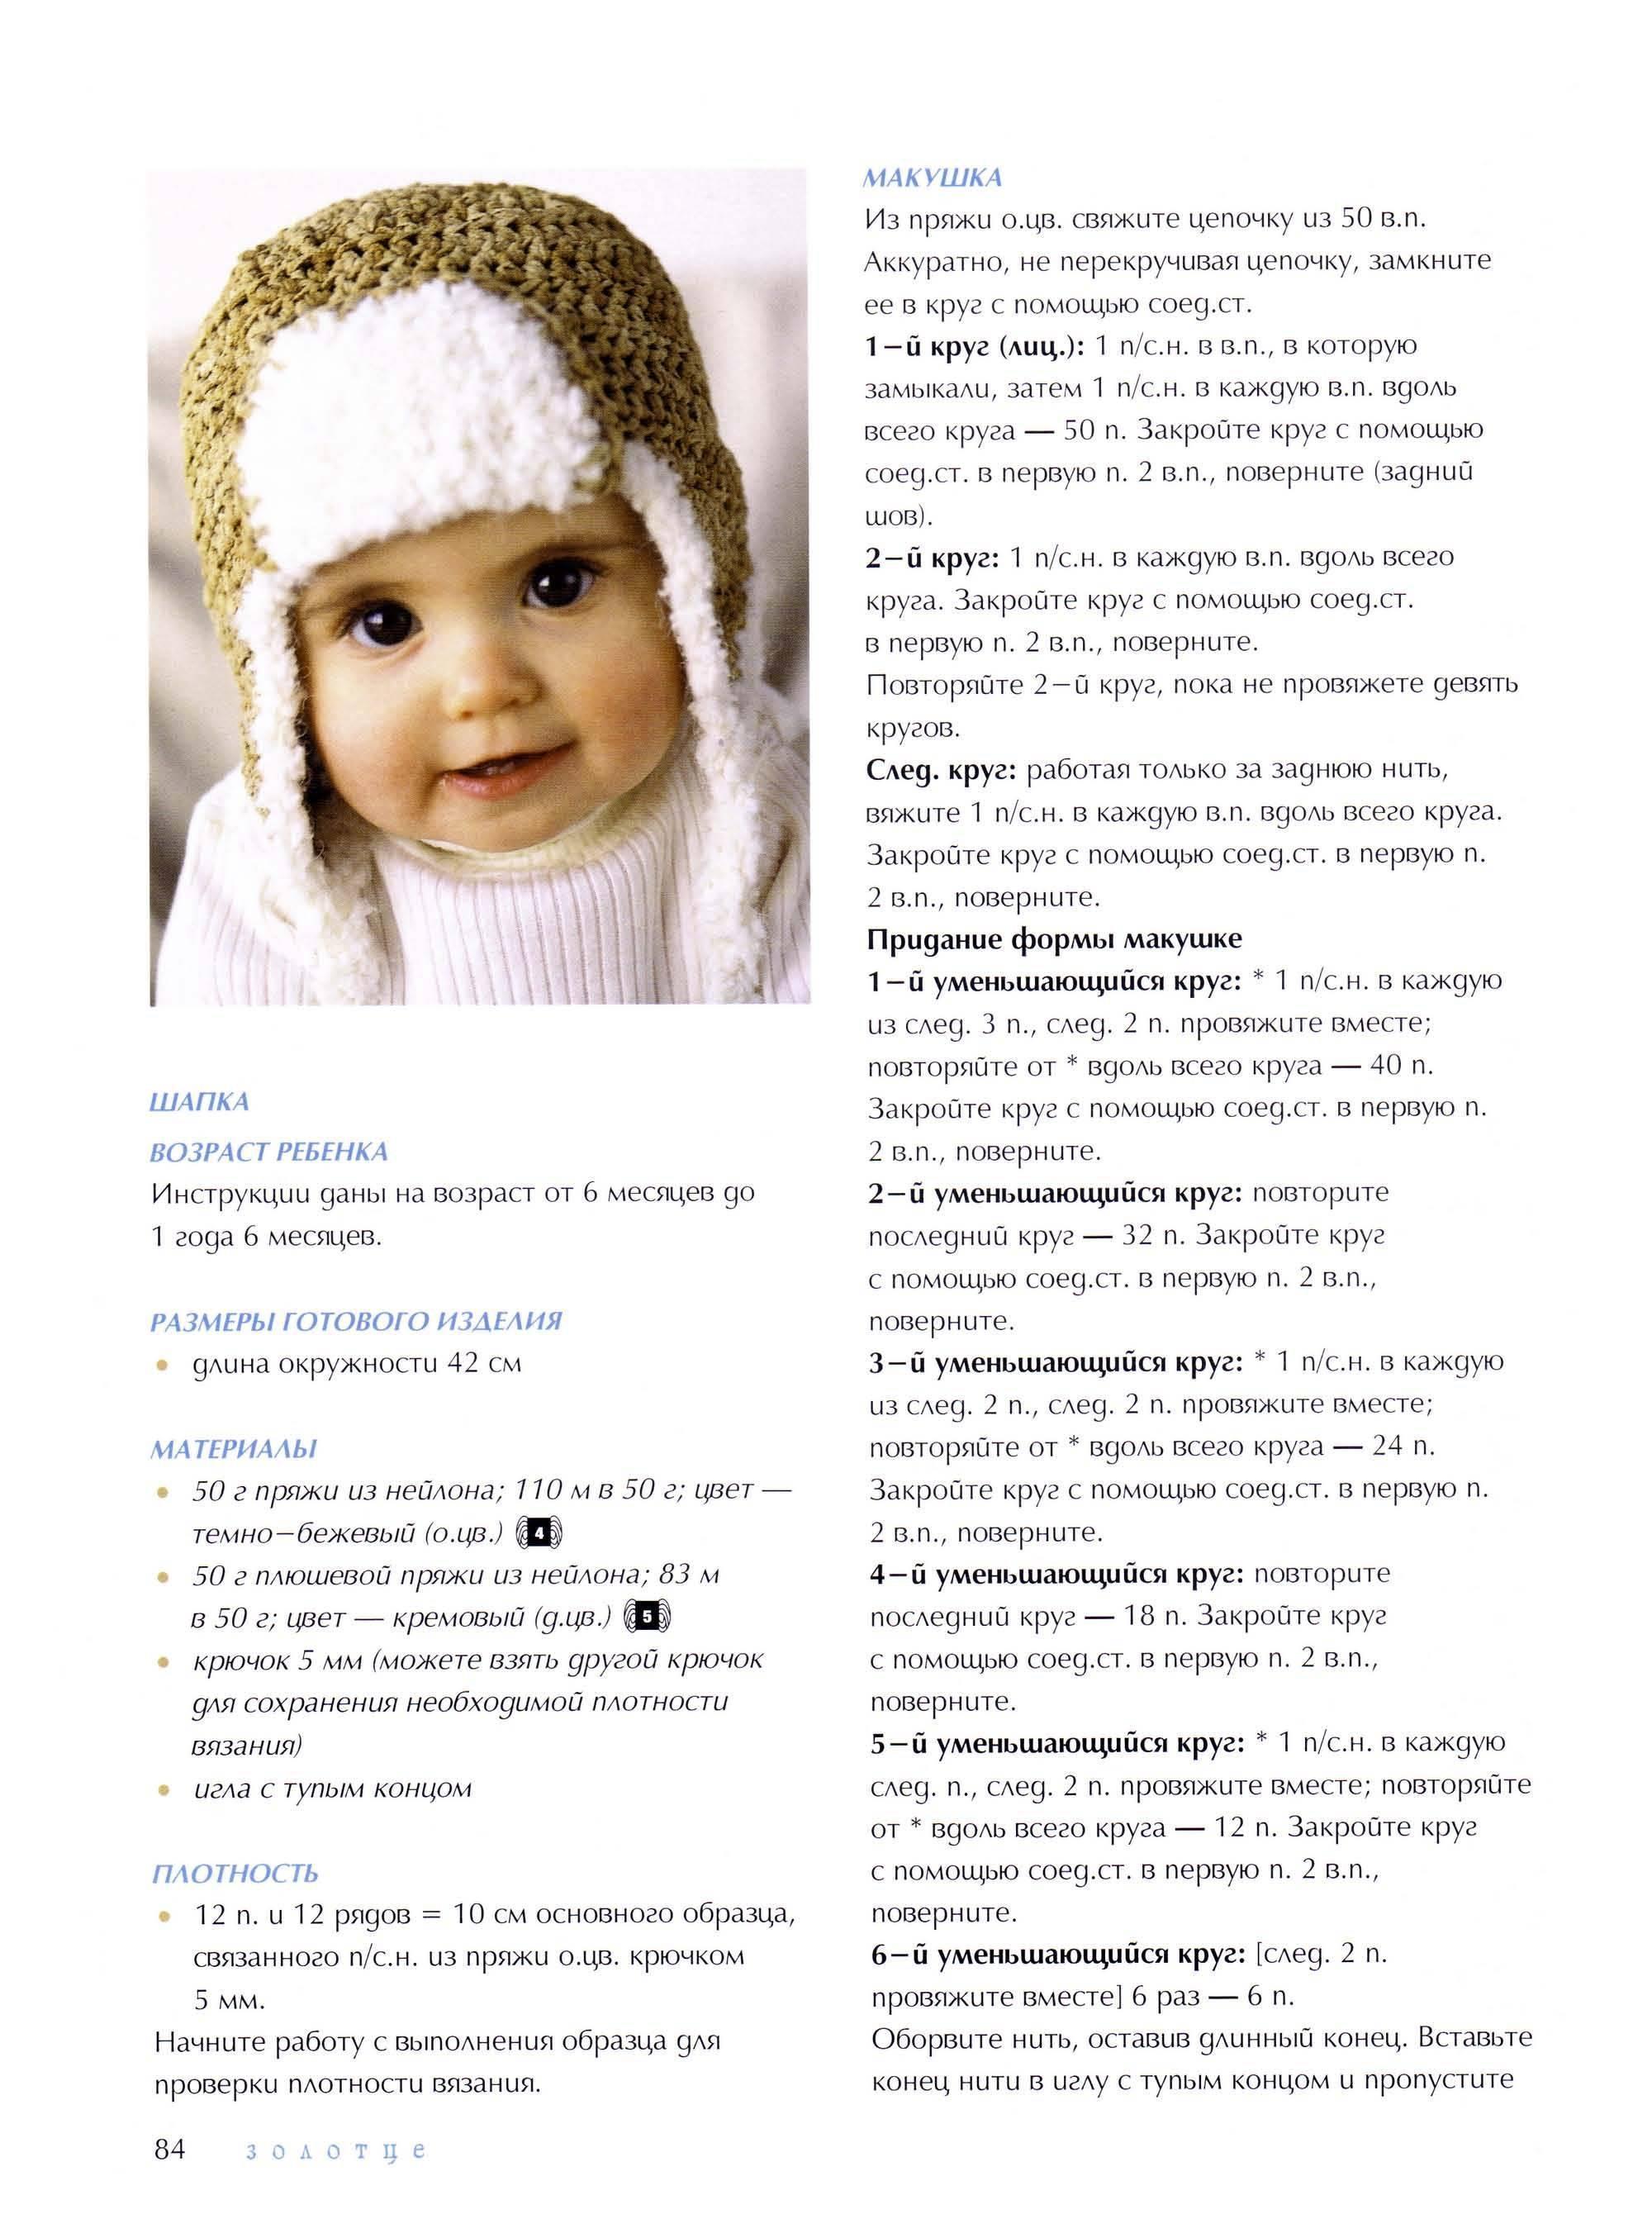 Вязание для новорожденных спицами с описанием и схемами, как связать детскую шапку и чепчик, видео